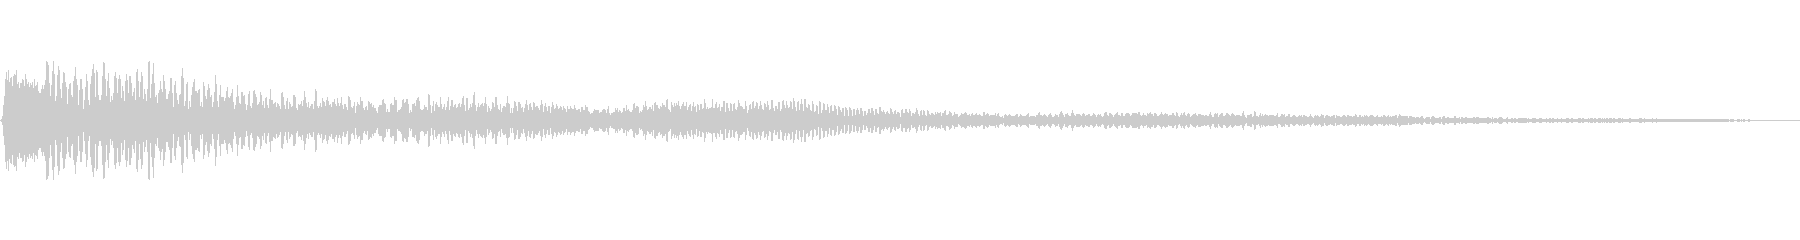 瞑想・幻想的・ハンドパン(タップ・通知)の未再生の波形